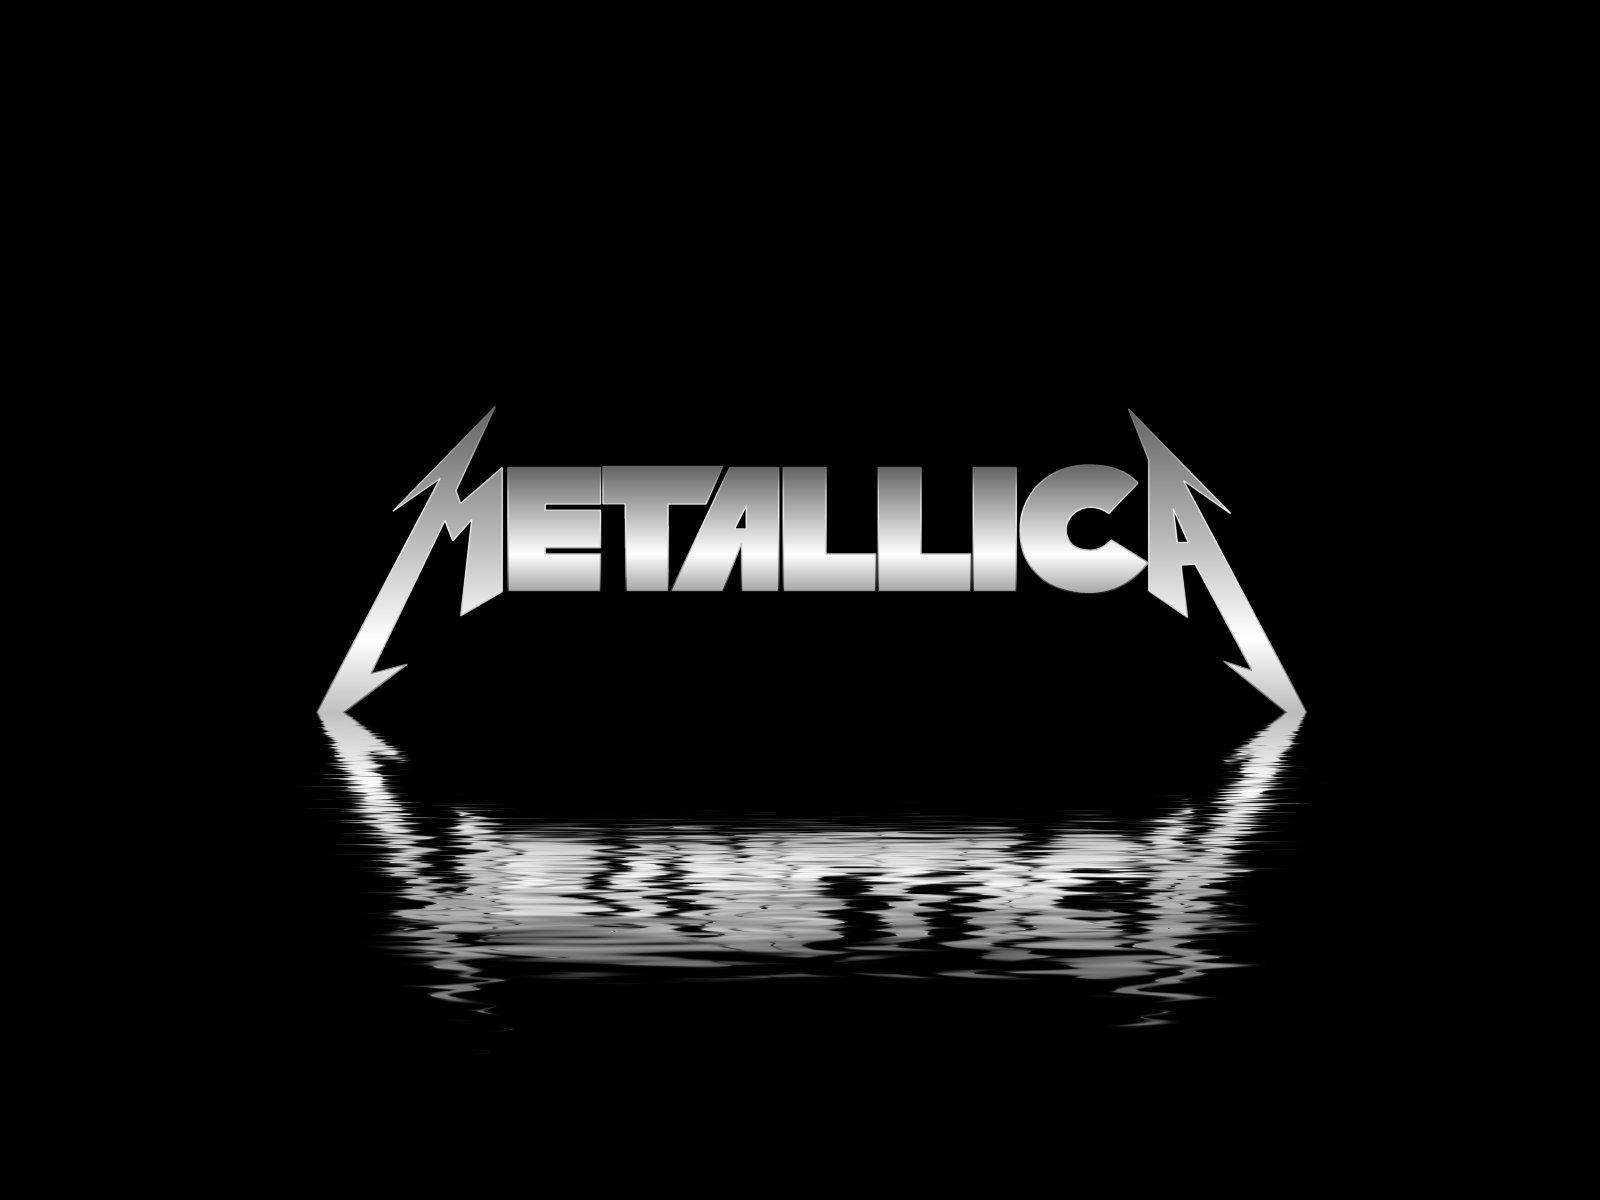 847 Заставки и Обои Музыка на телефон. Скачать Музыка, Логотипы, Металлика (Metallica) картинки бесплатно